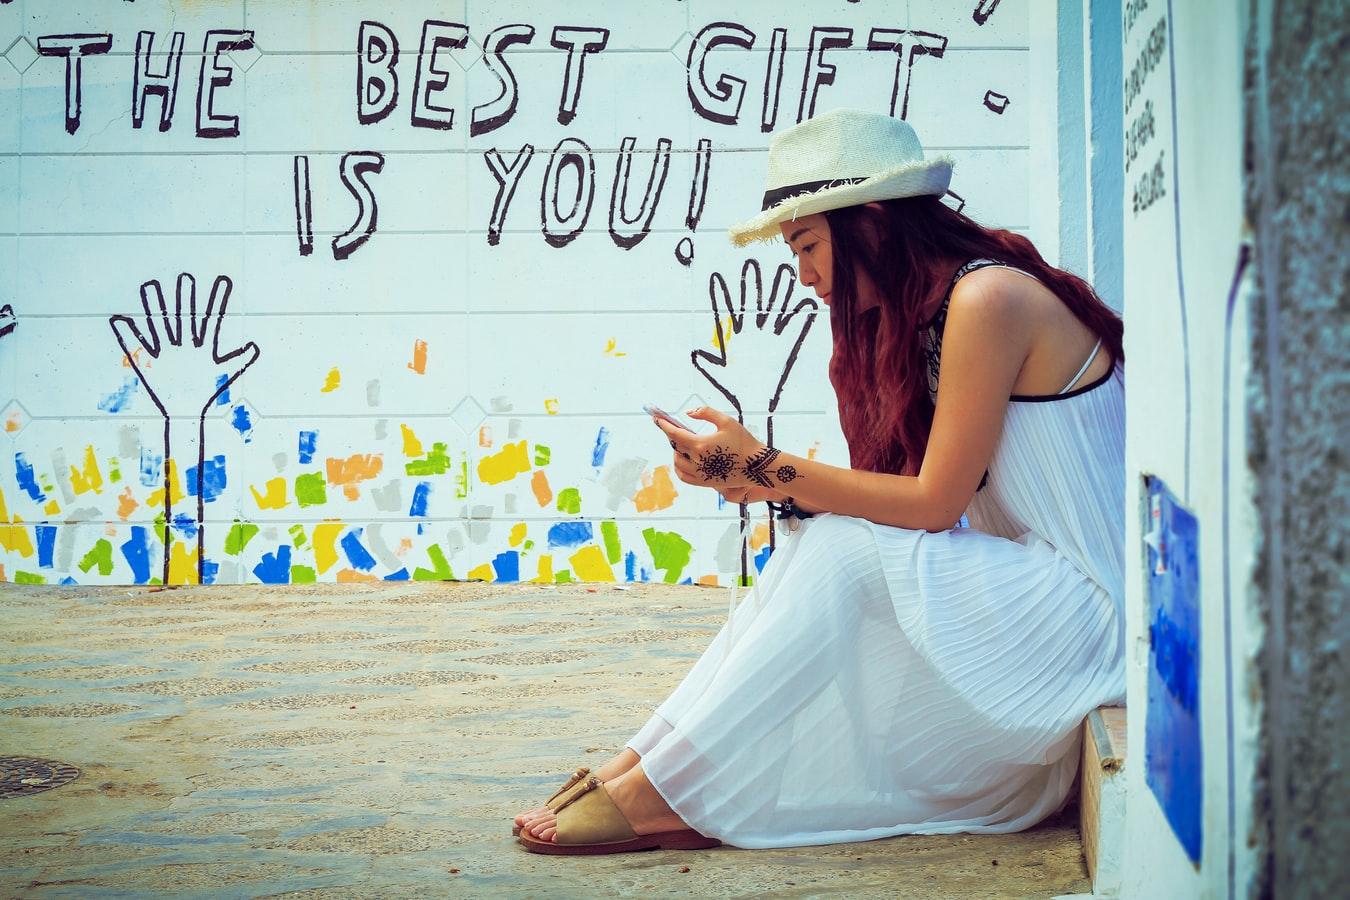 背景以英文寫著:你是世上最美好的禮物。一個戴草帽的白裙女子坐在牆前,側臉微微笑著。